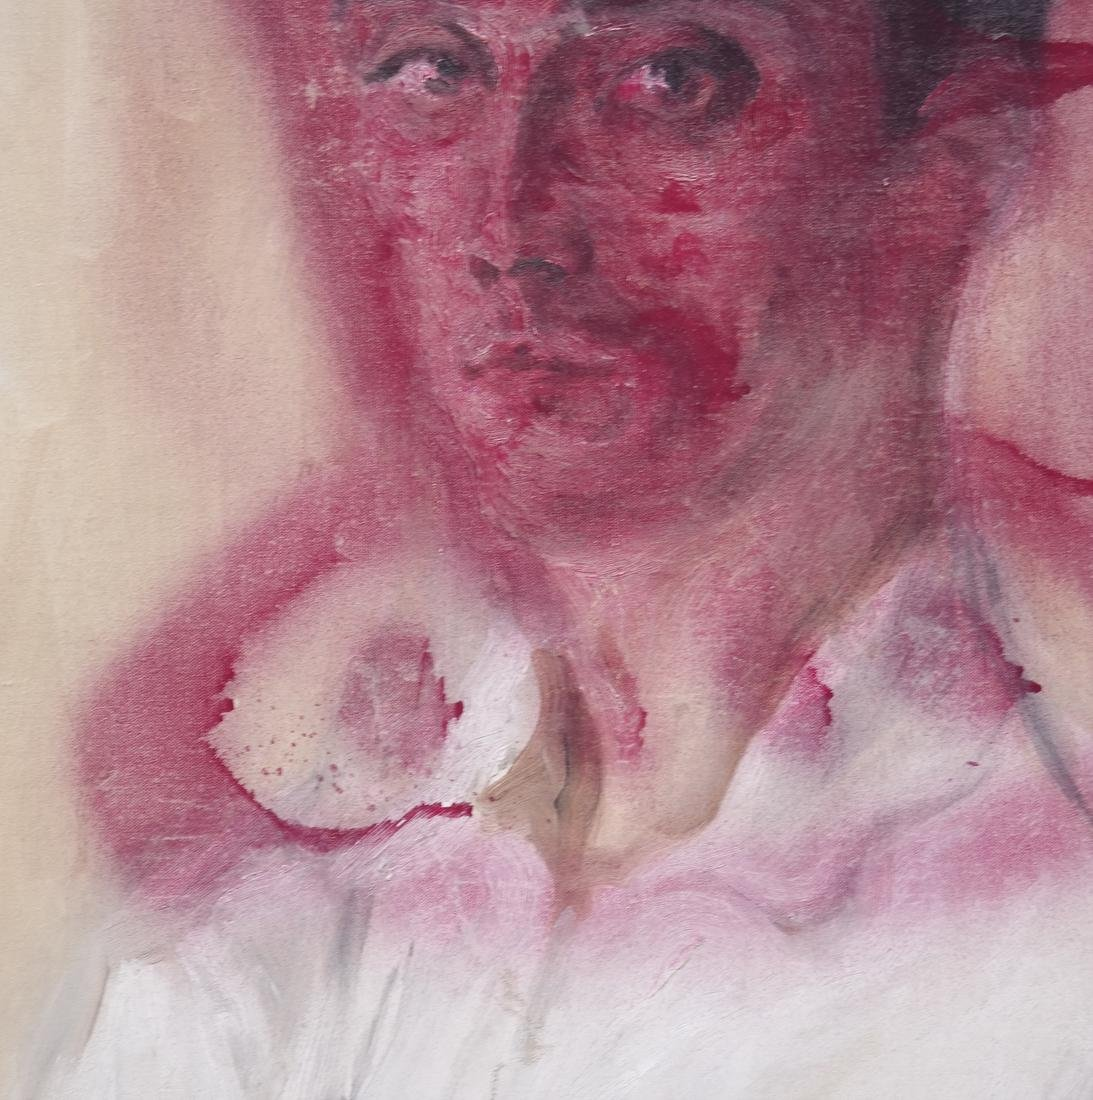 Peter Sheil, Male Portrait, Oil Canvas - 7